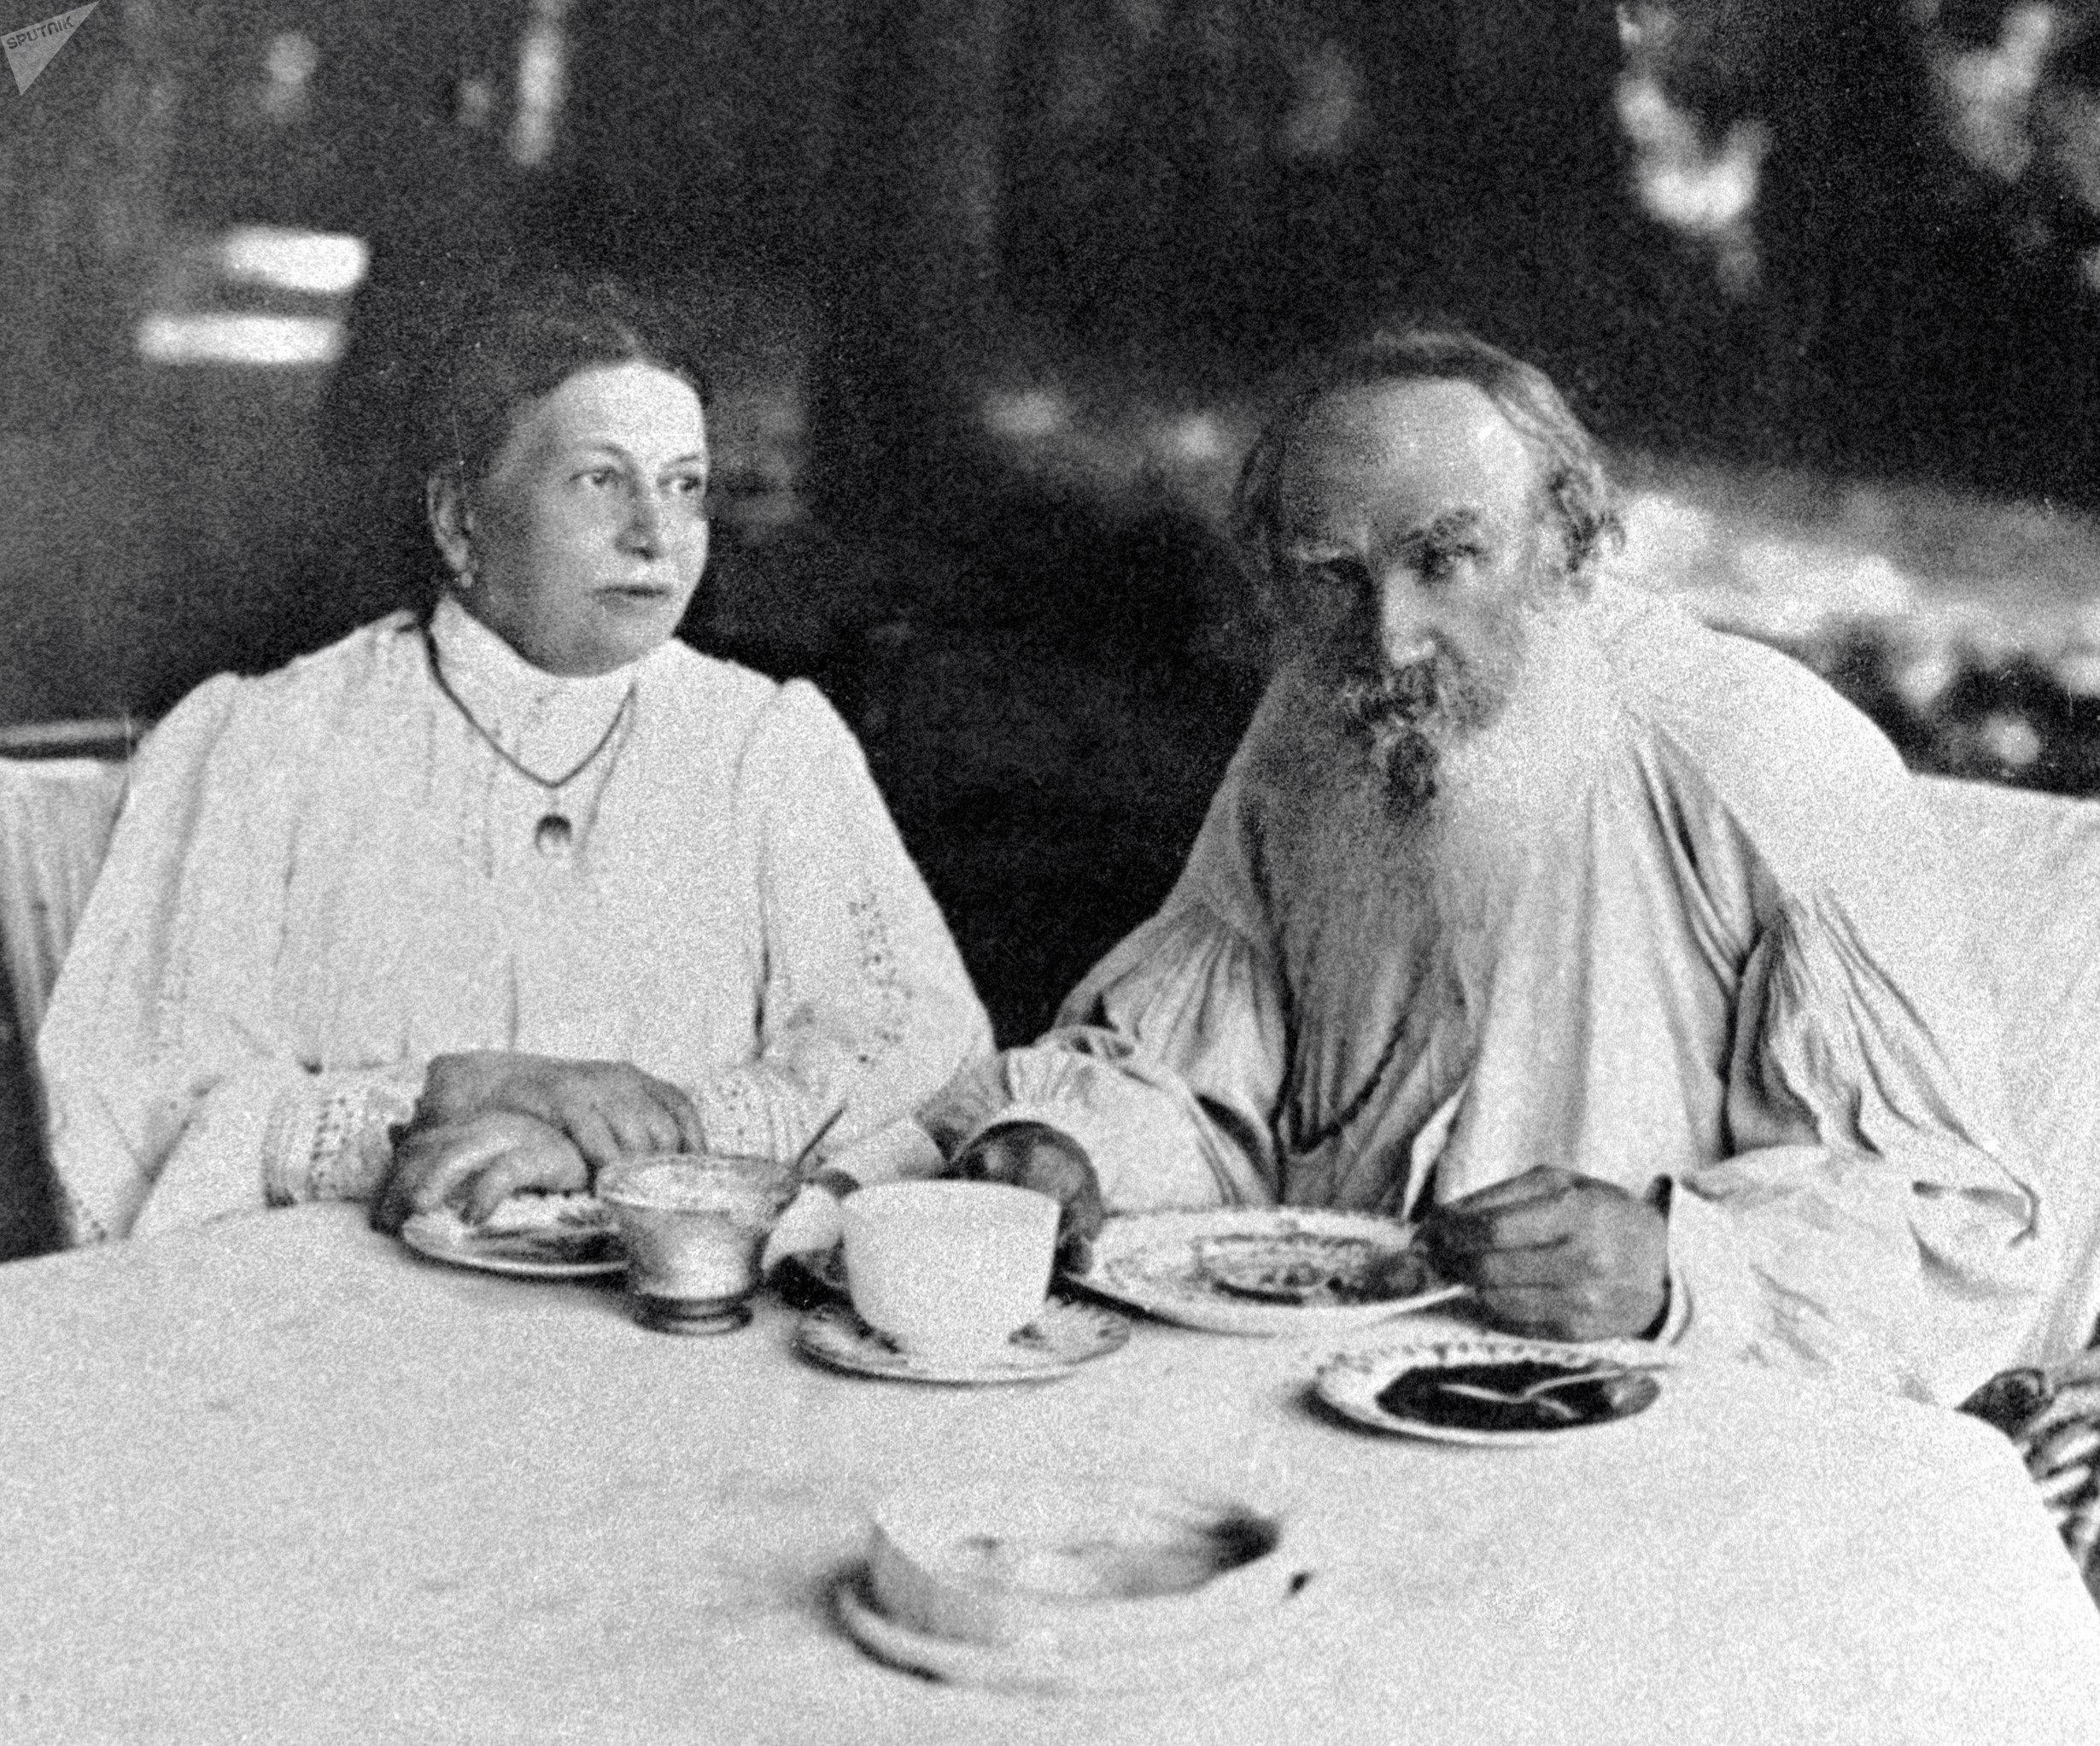 León Tolstói, escritor ruso, con su esposa Sofía